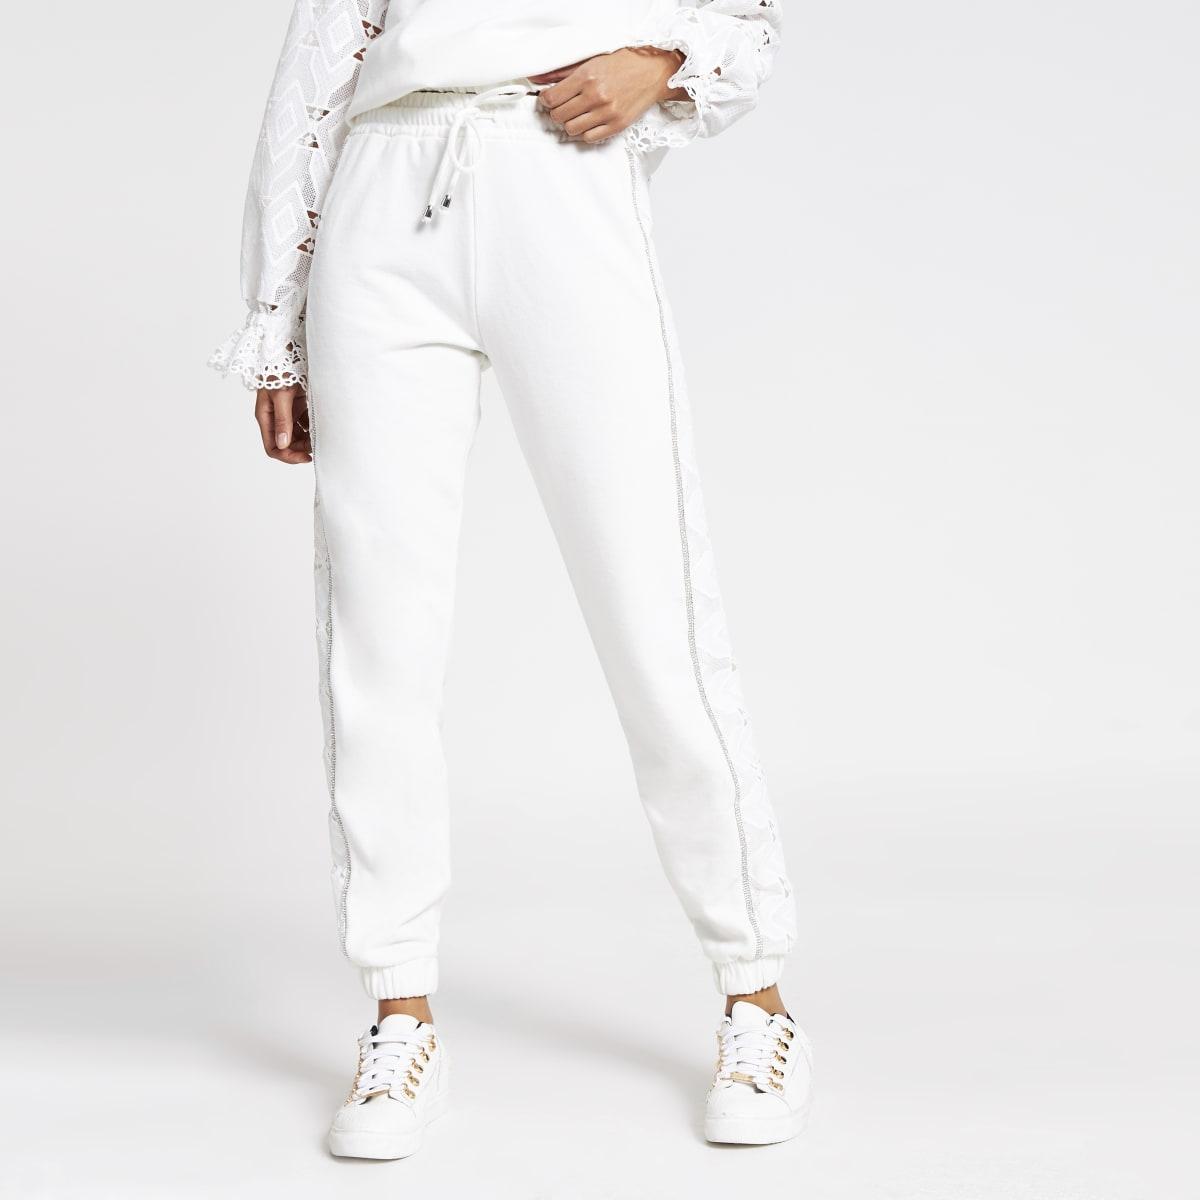 Pantalon de jogging blanc avec broderie anglaise en strass sur lecôté